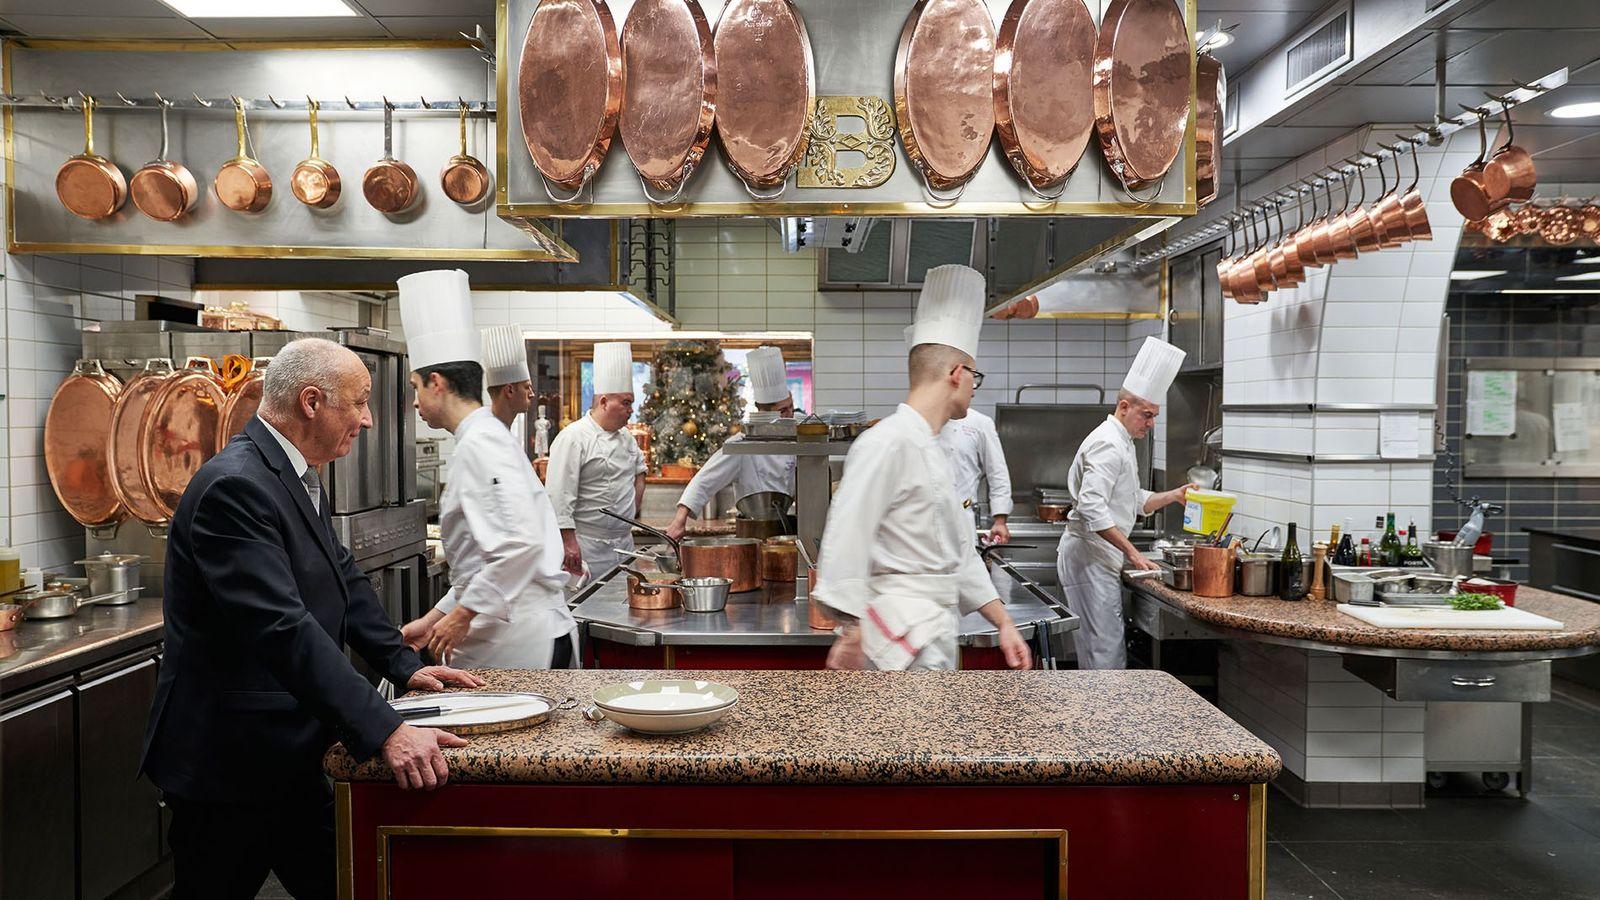 The kitchen at the legendary restaurant L'Auberge du Pont de Collonges.